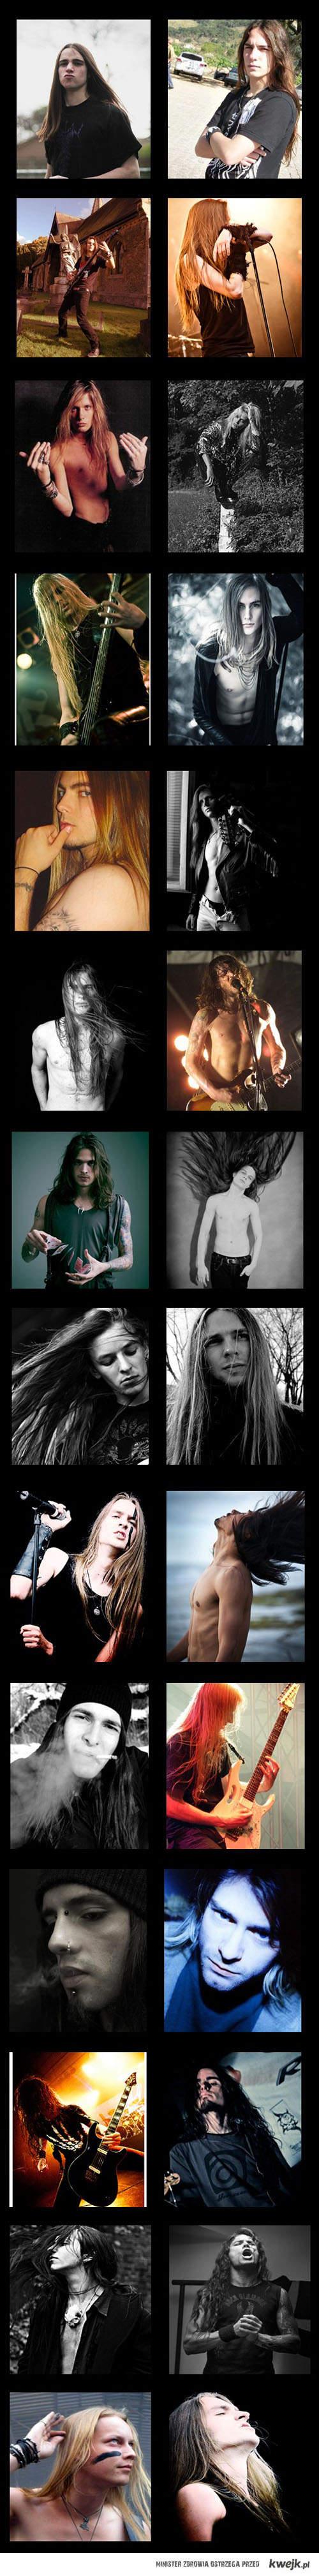 Kocham długie włosy u chłopaków <3